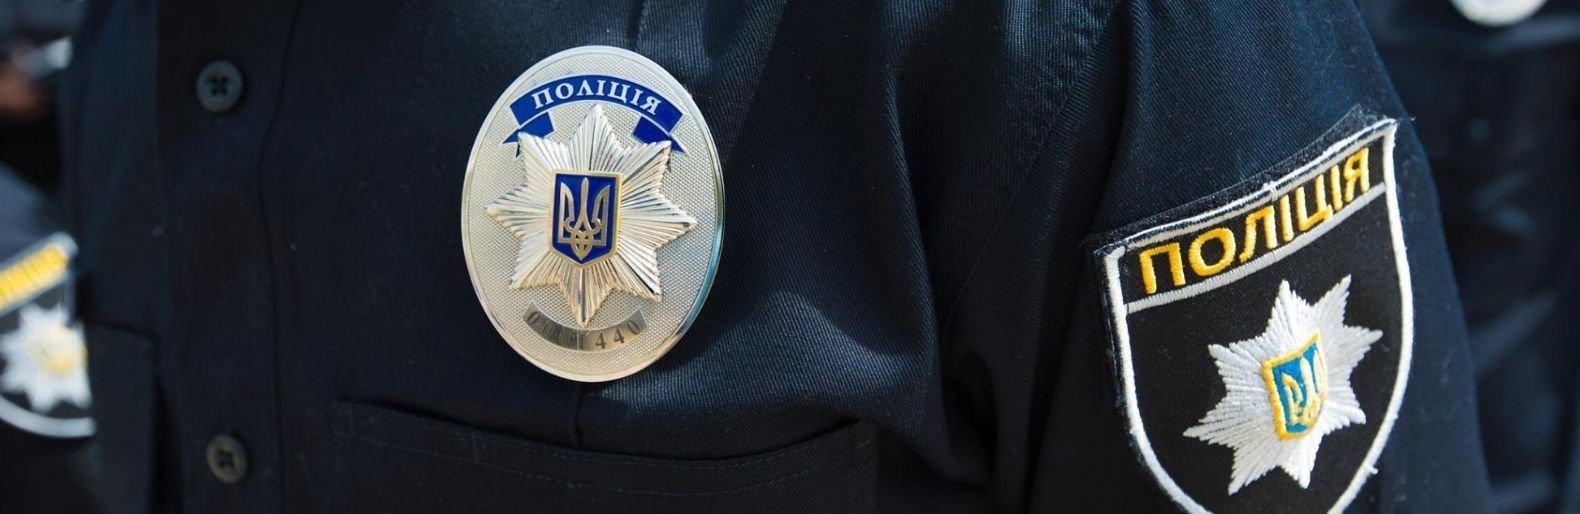 Николаевская полиция открыла уголовное производство из-за использования флага с серпом и молотом